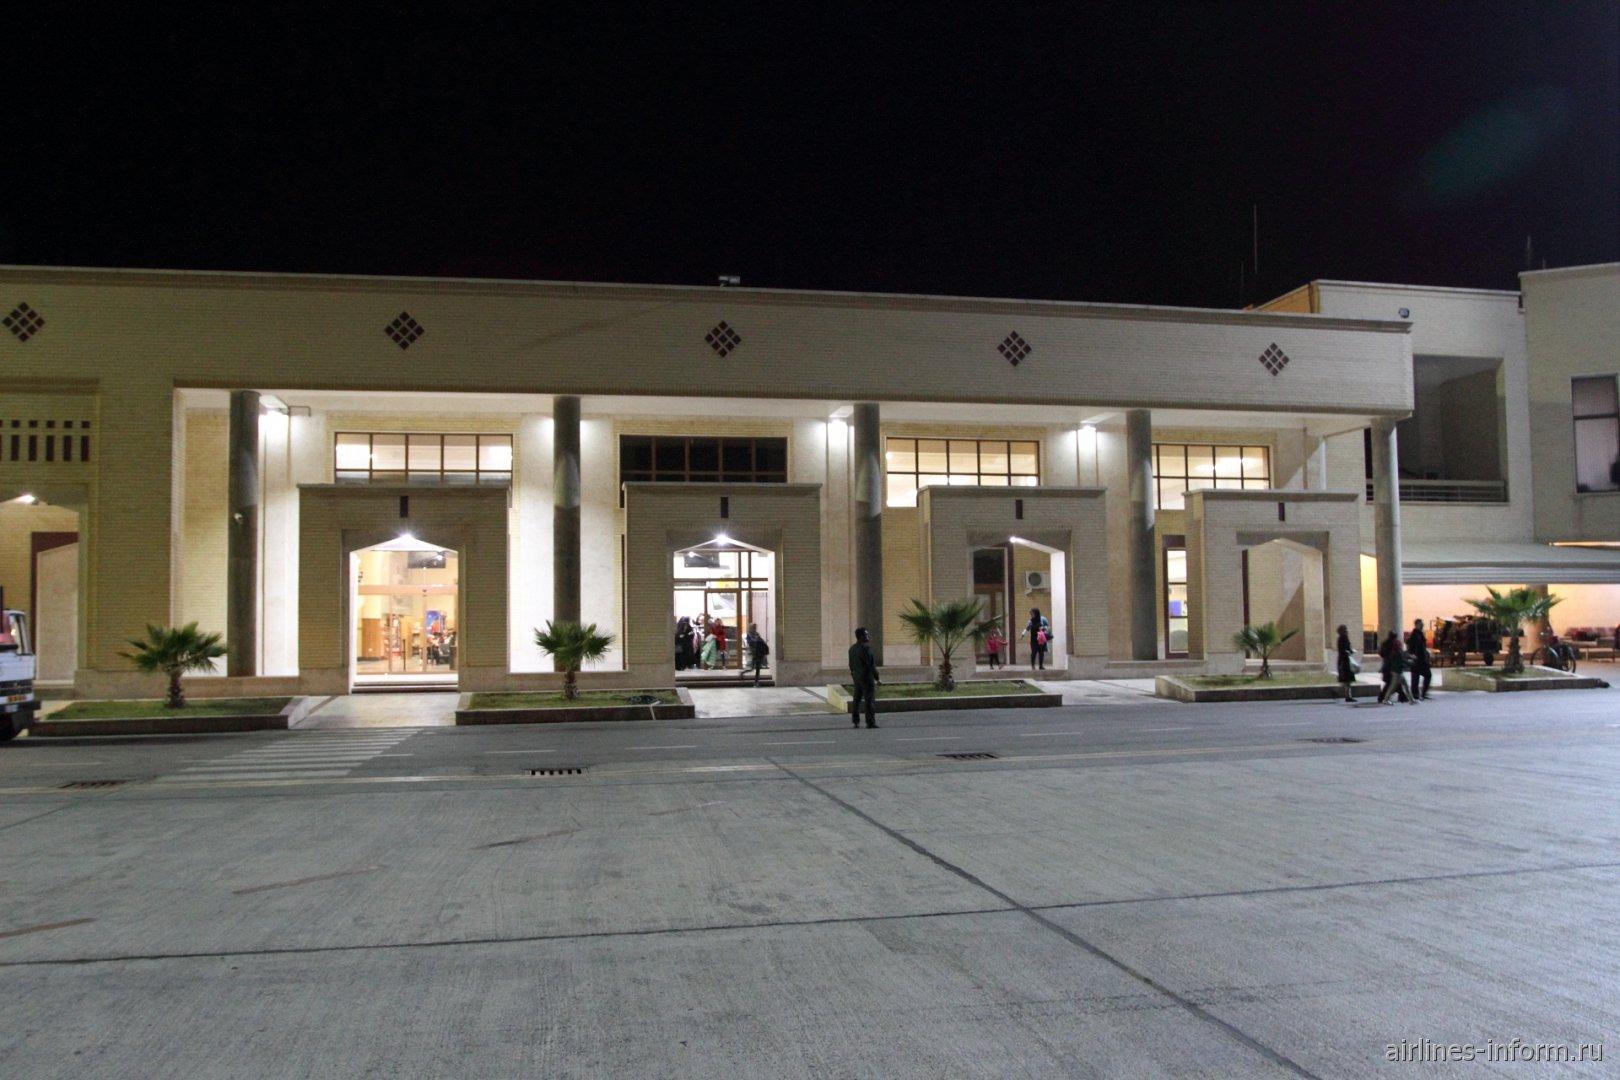 У пассажирского терминала аэропорта Язд Шахид Садухи